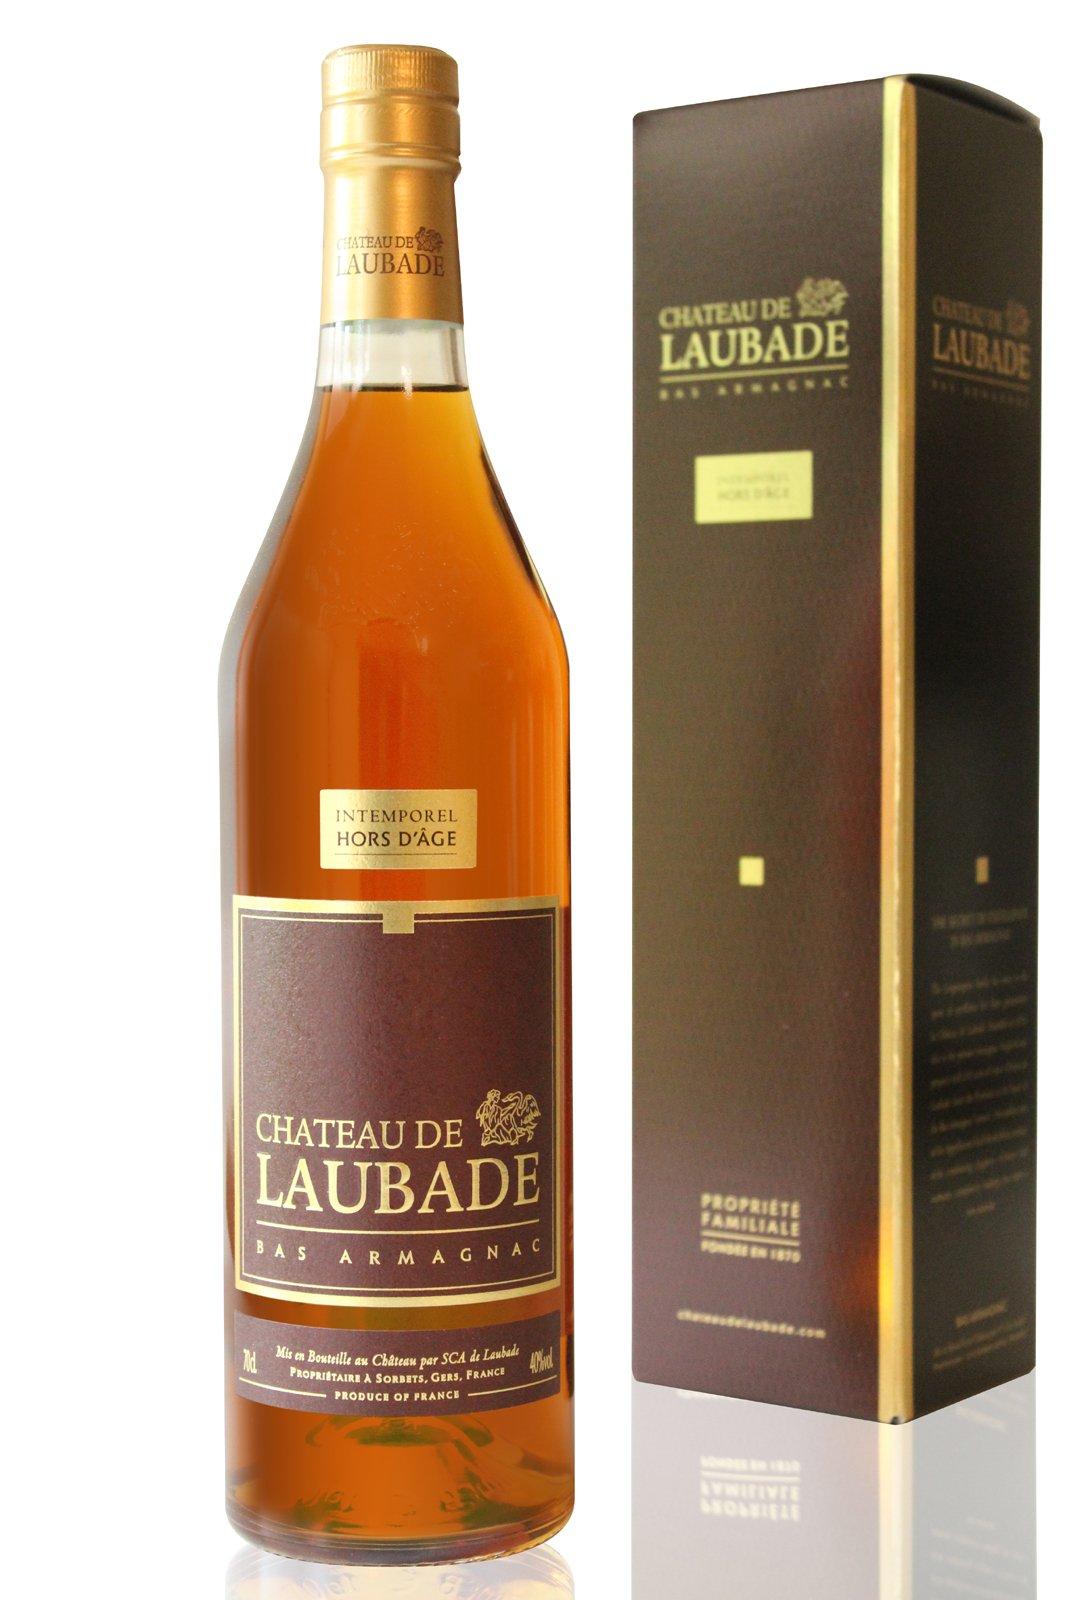 Armagnac-Chteau-de-laubade-Intemporel-Hors-d-Age-70CL